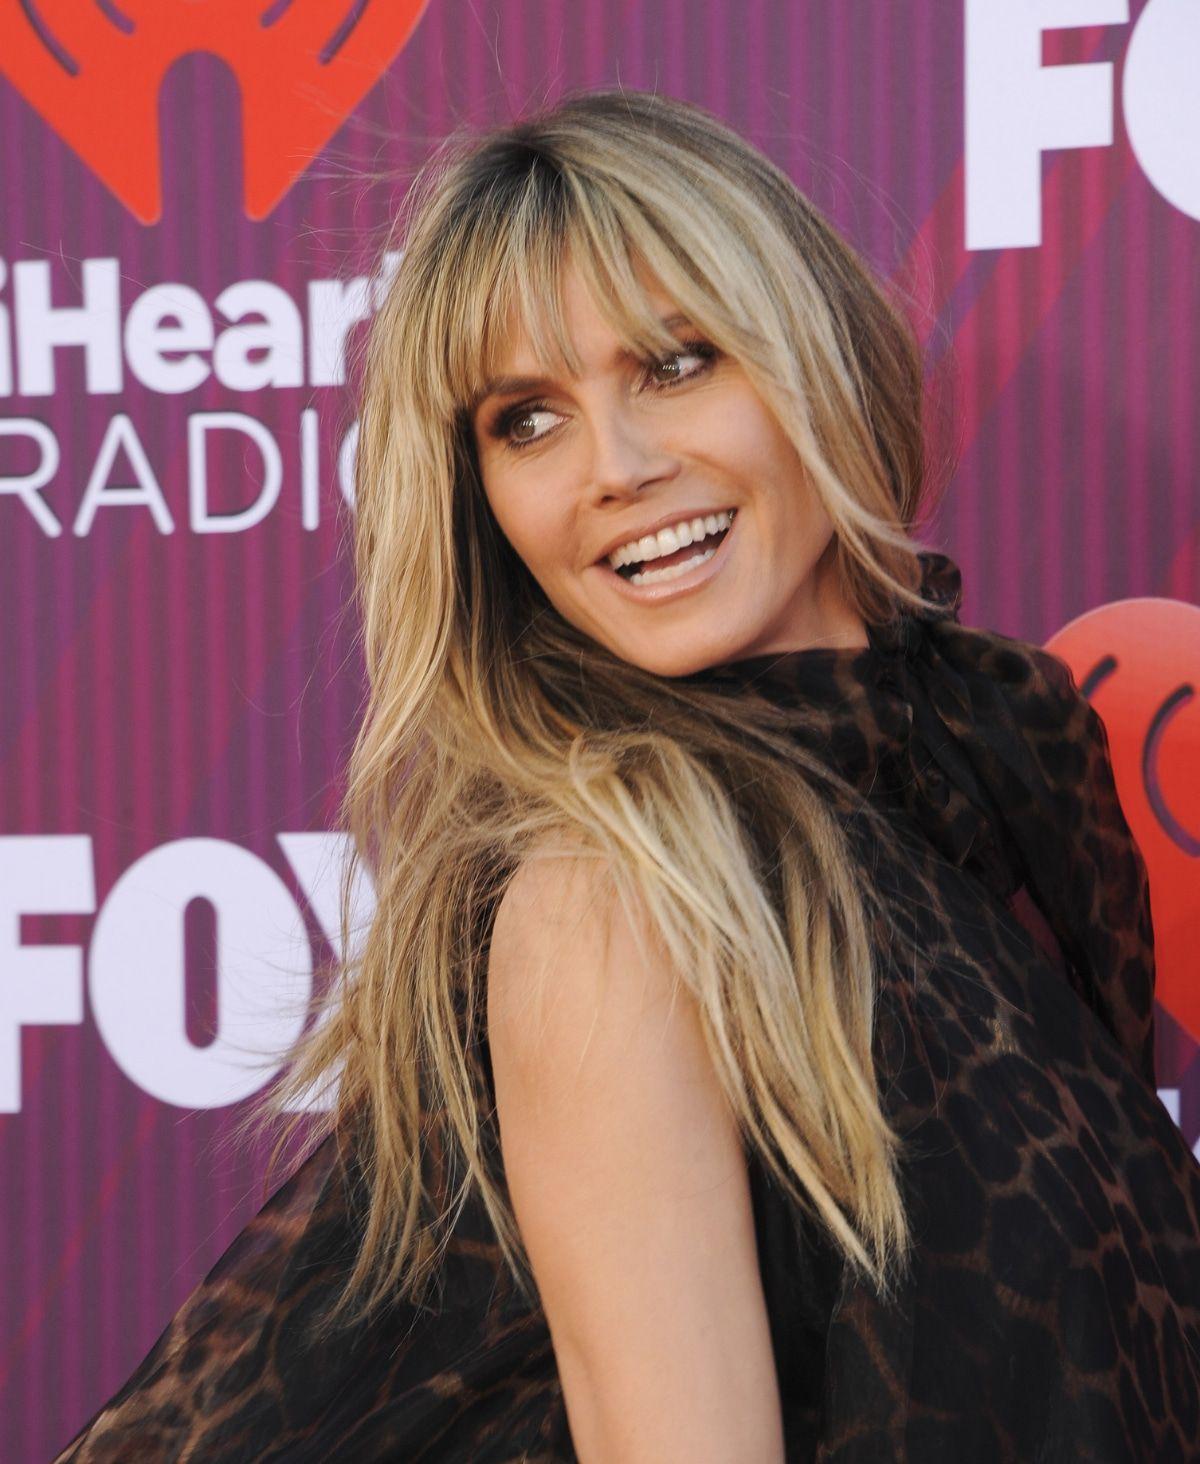 Heidi Klum: Darum schmiert sie sich Baby-Shampoo ins Gesicht